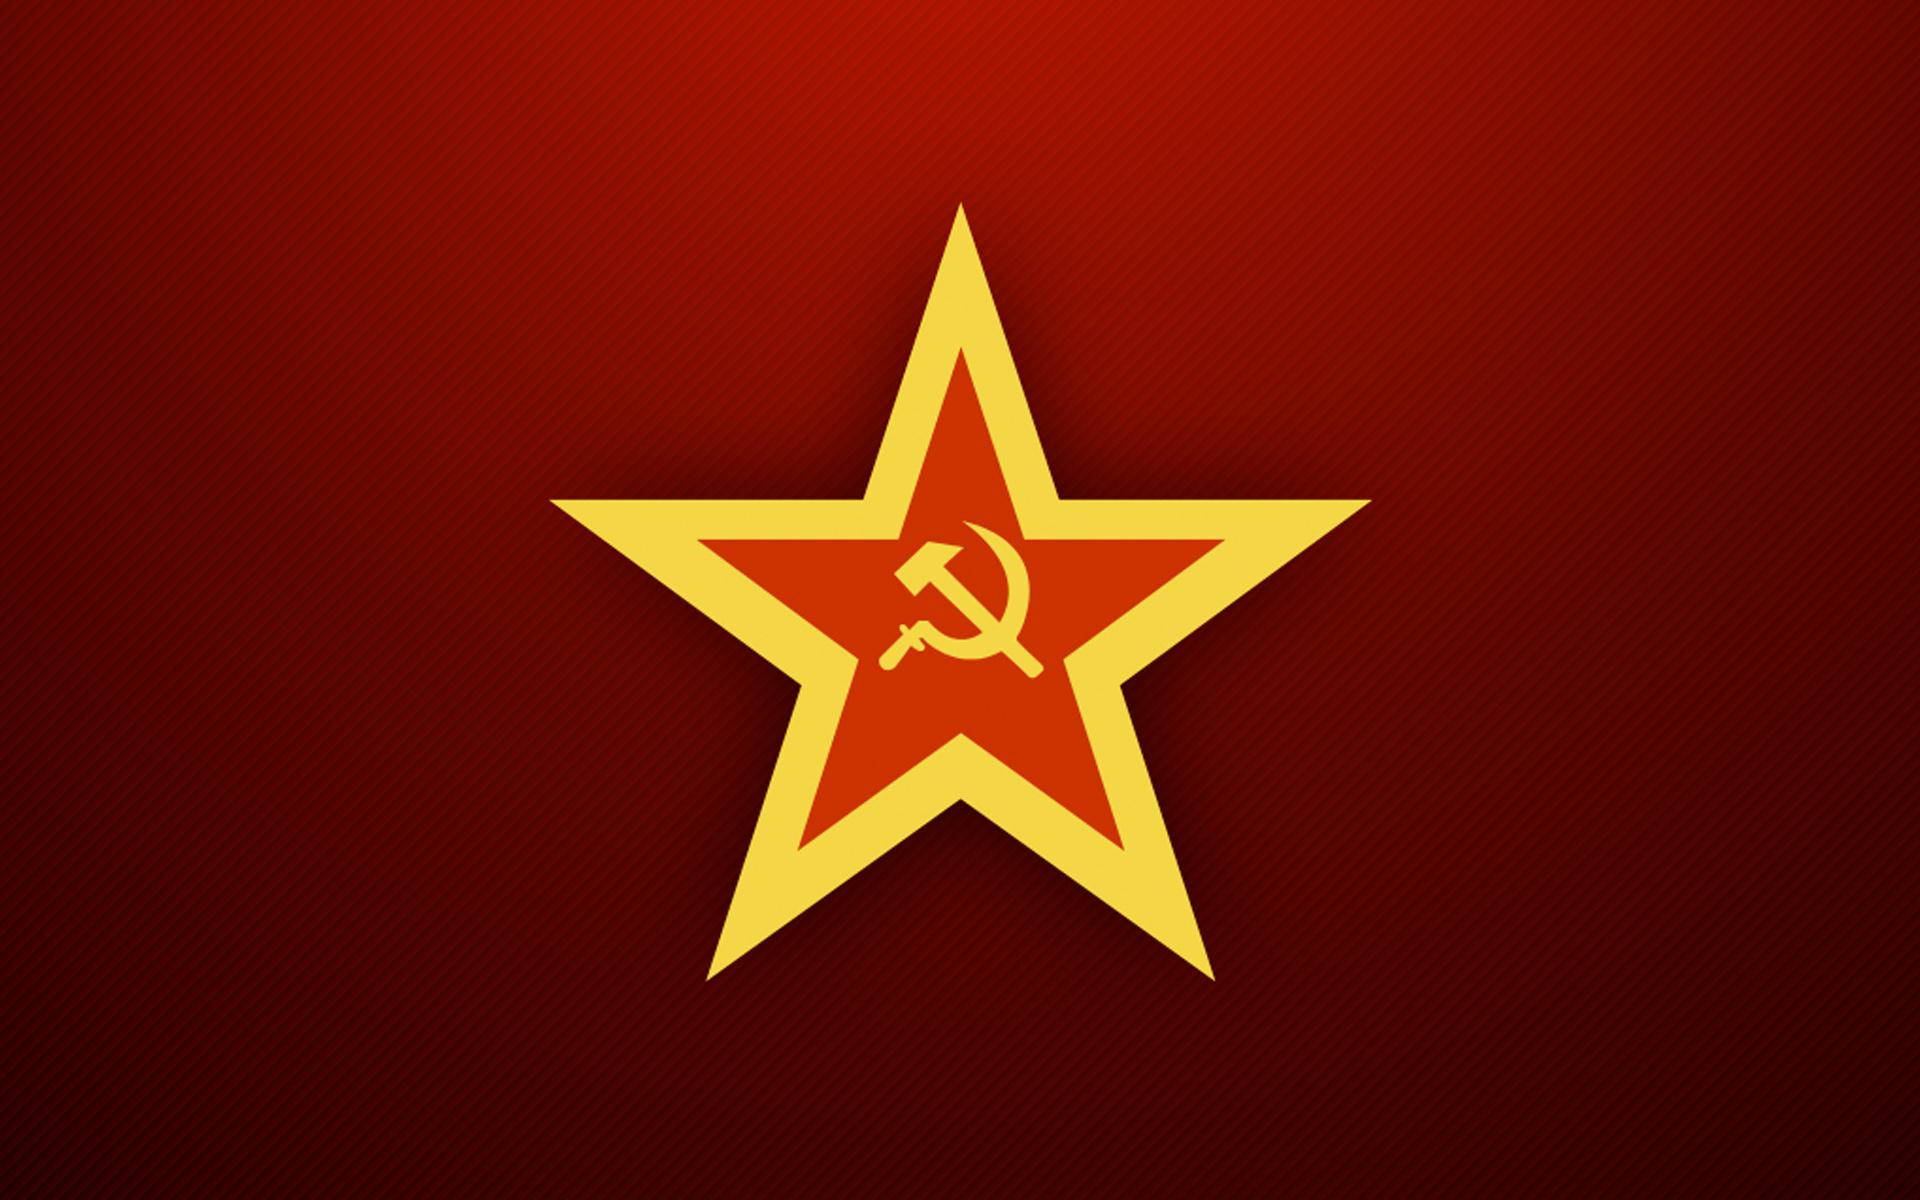 Назад в СССР скачать